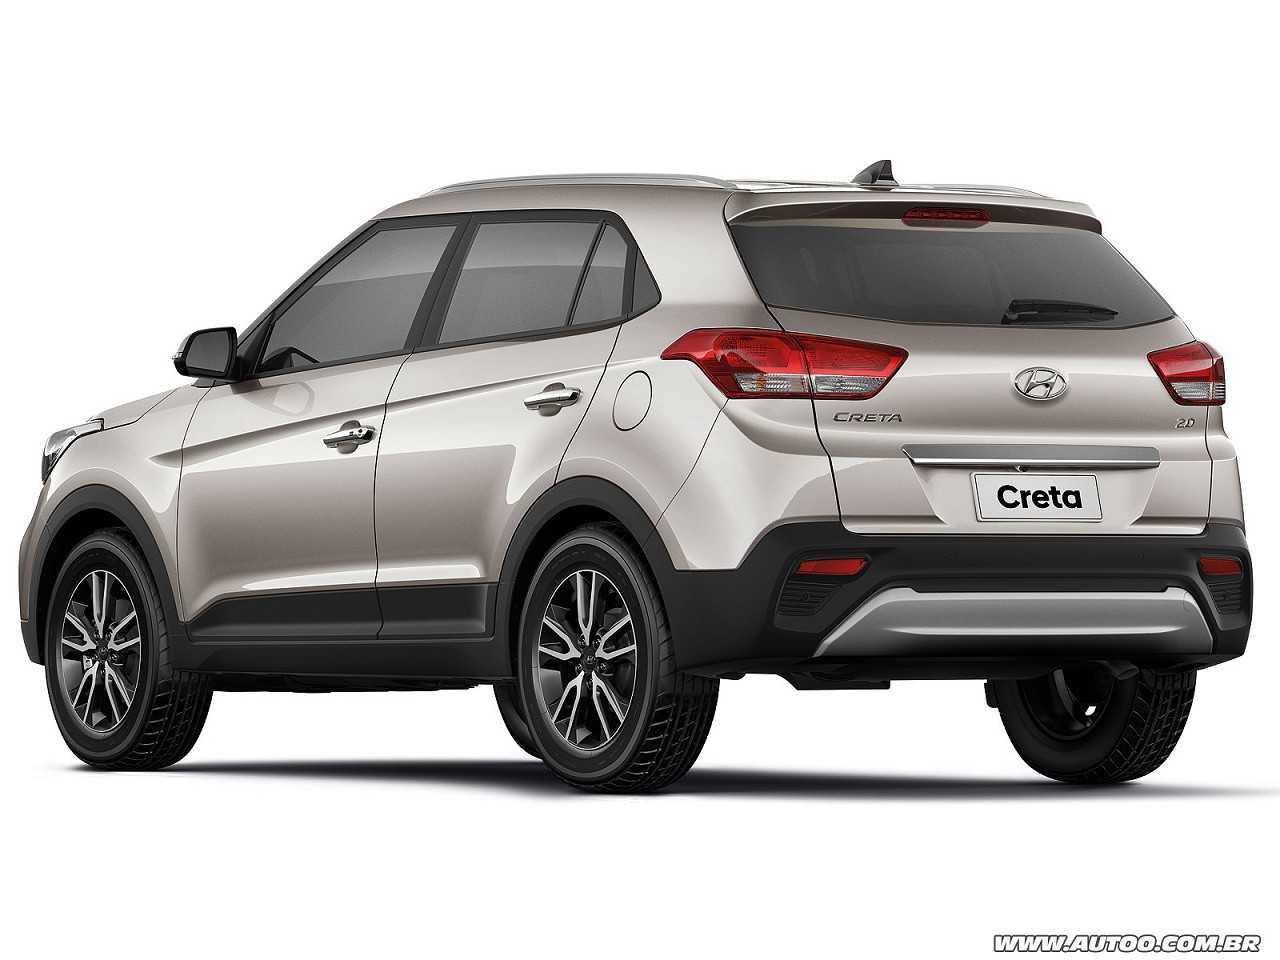 HyundaiCreta 2017 - ângulo traseiro